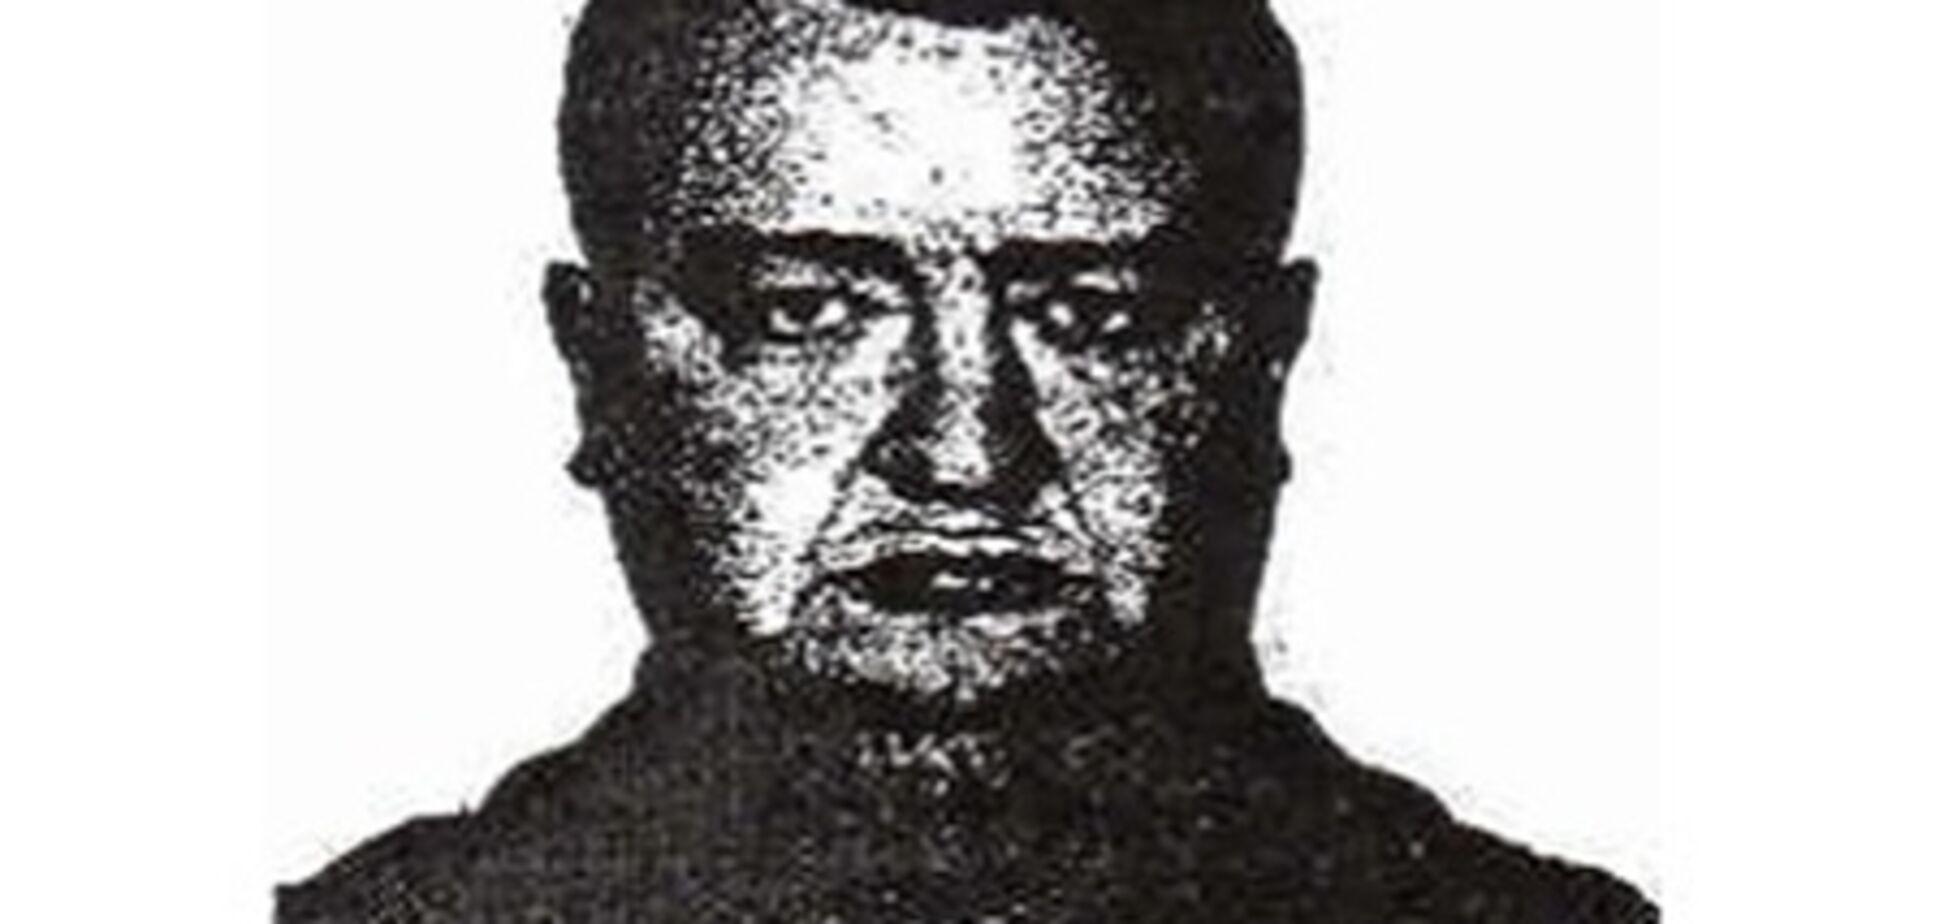 Заказчик убийства депутата приговорен к 13 годам